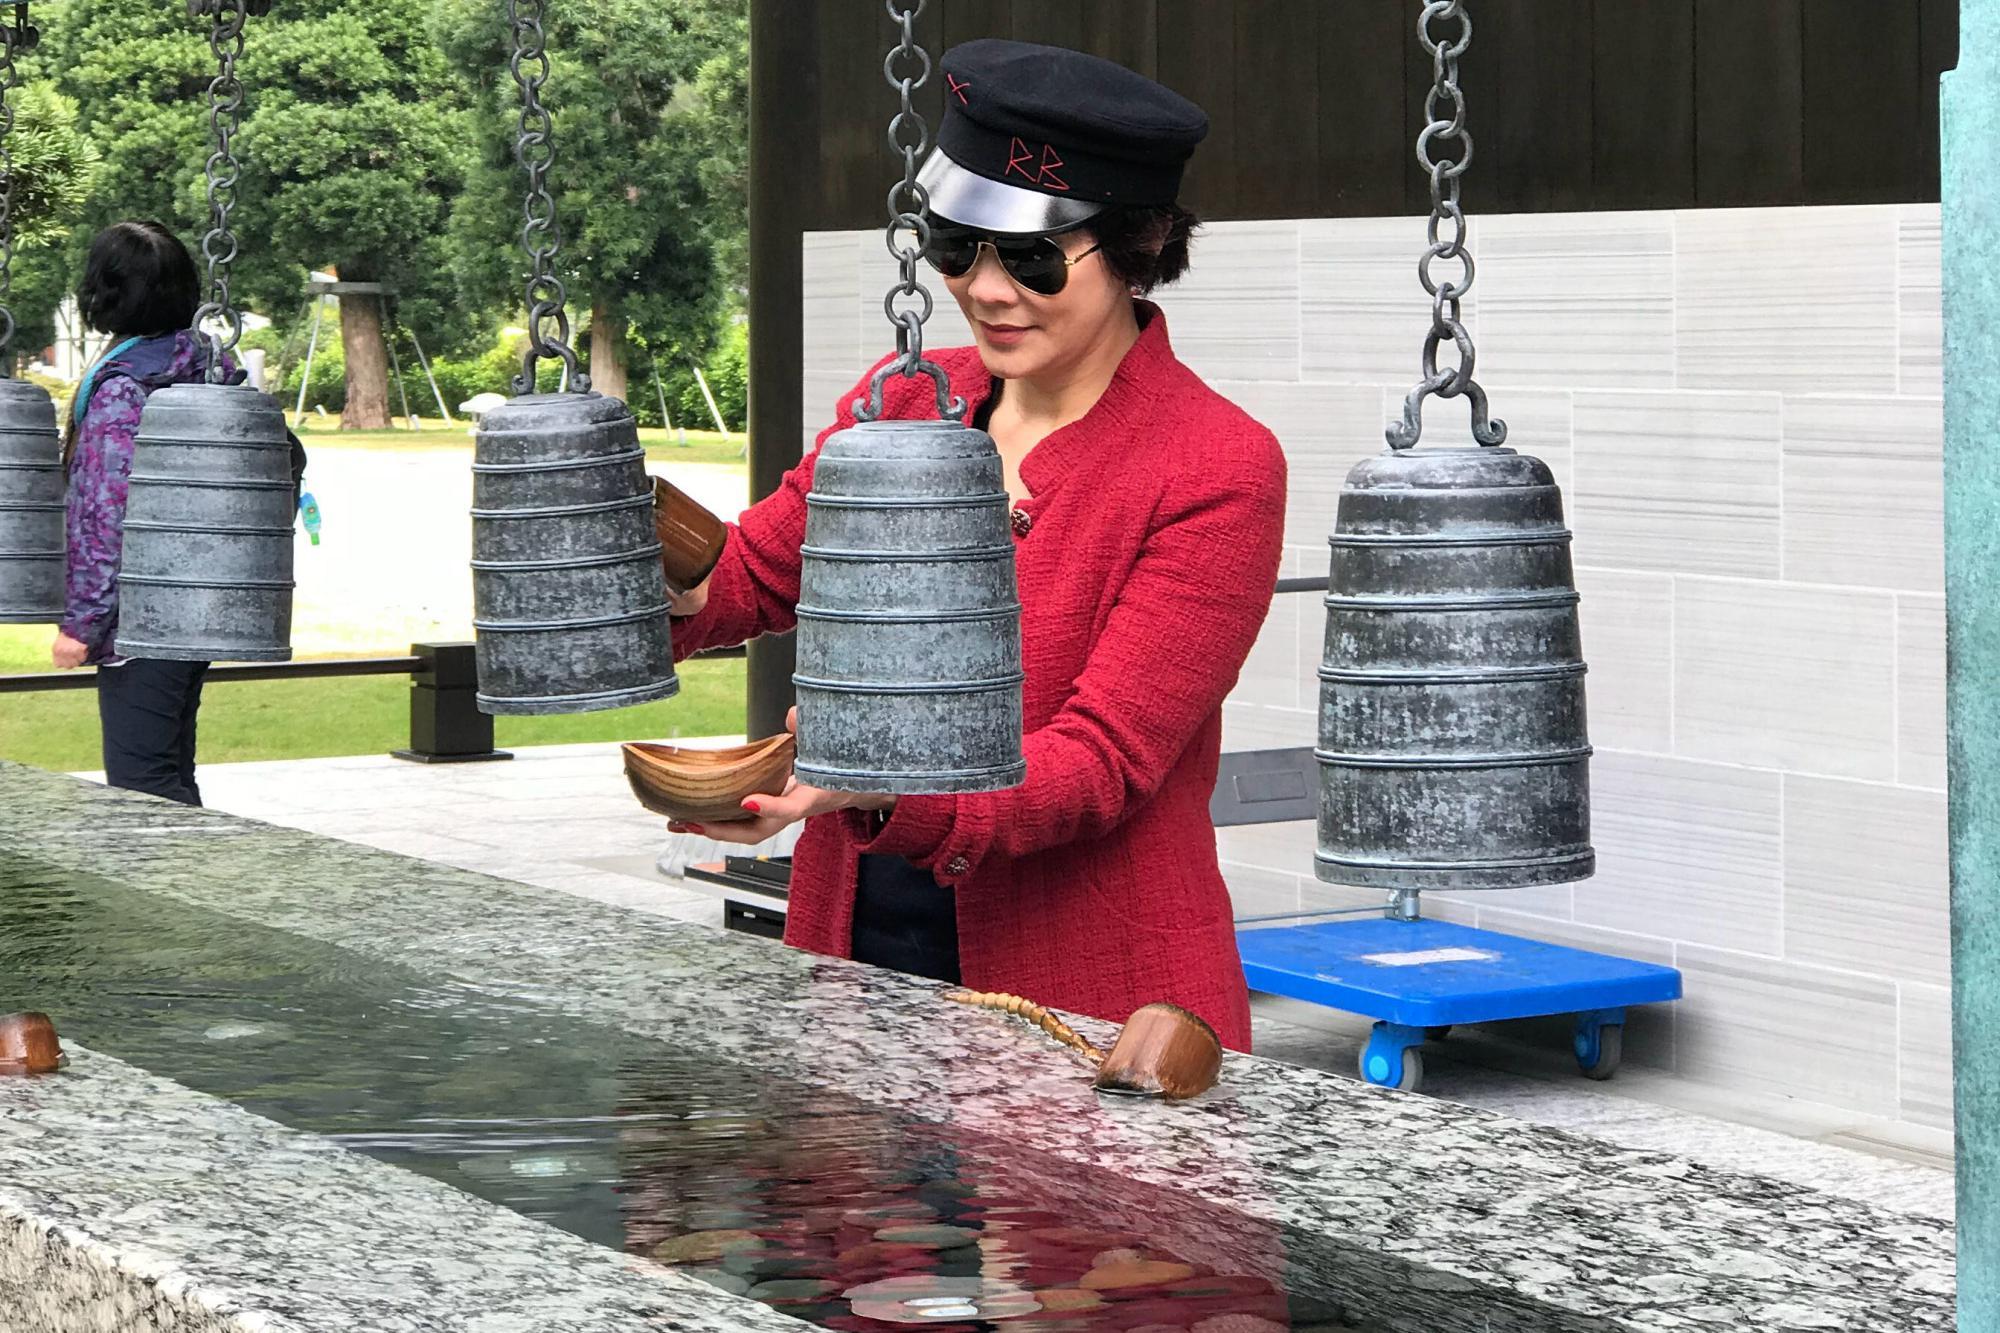 54岁刘嘉玲真厉害,红蓝撞色穿得高级,戴报童帽像20岁上流名媛